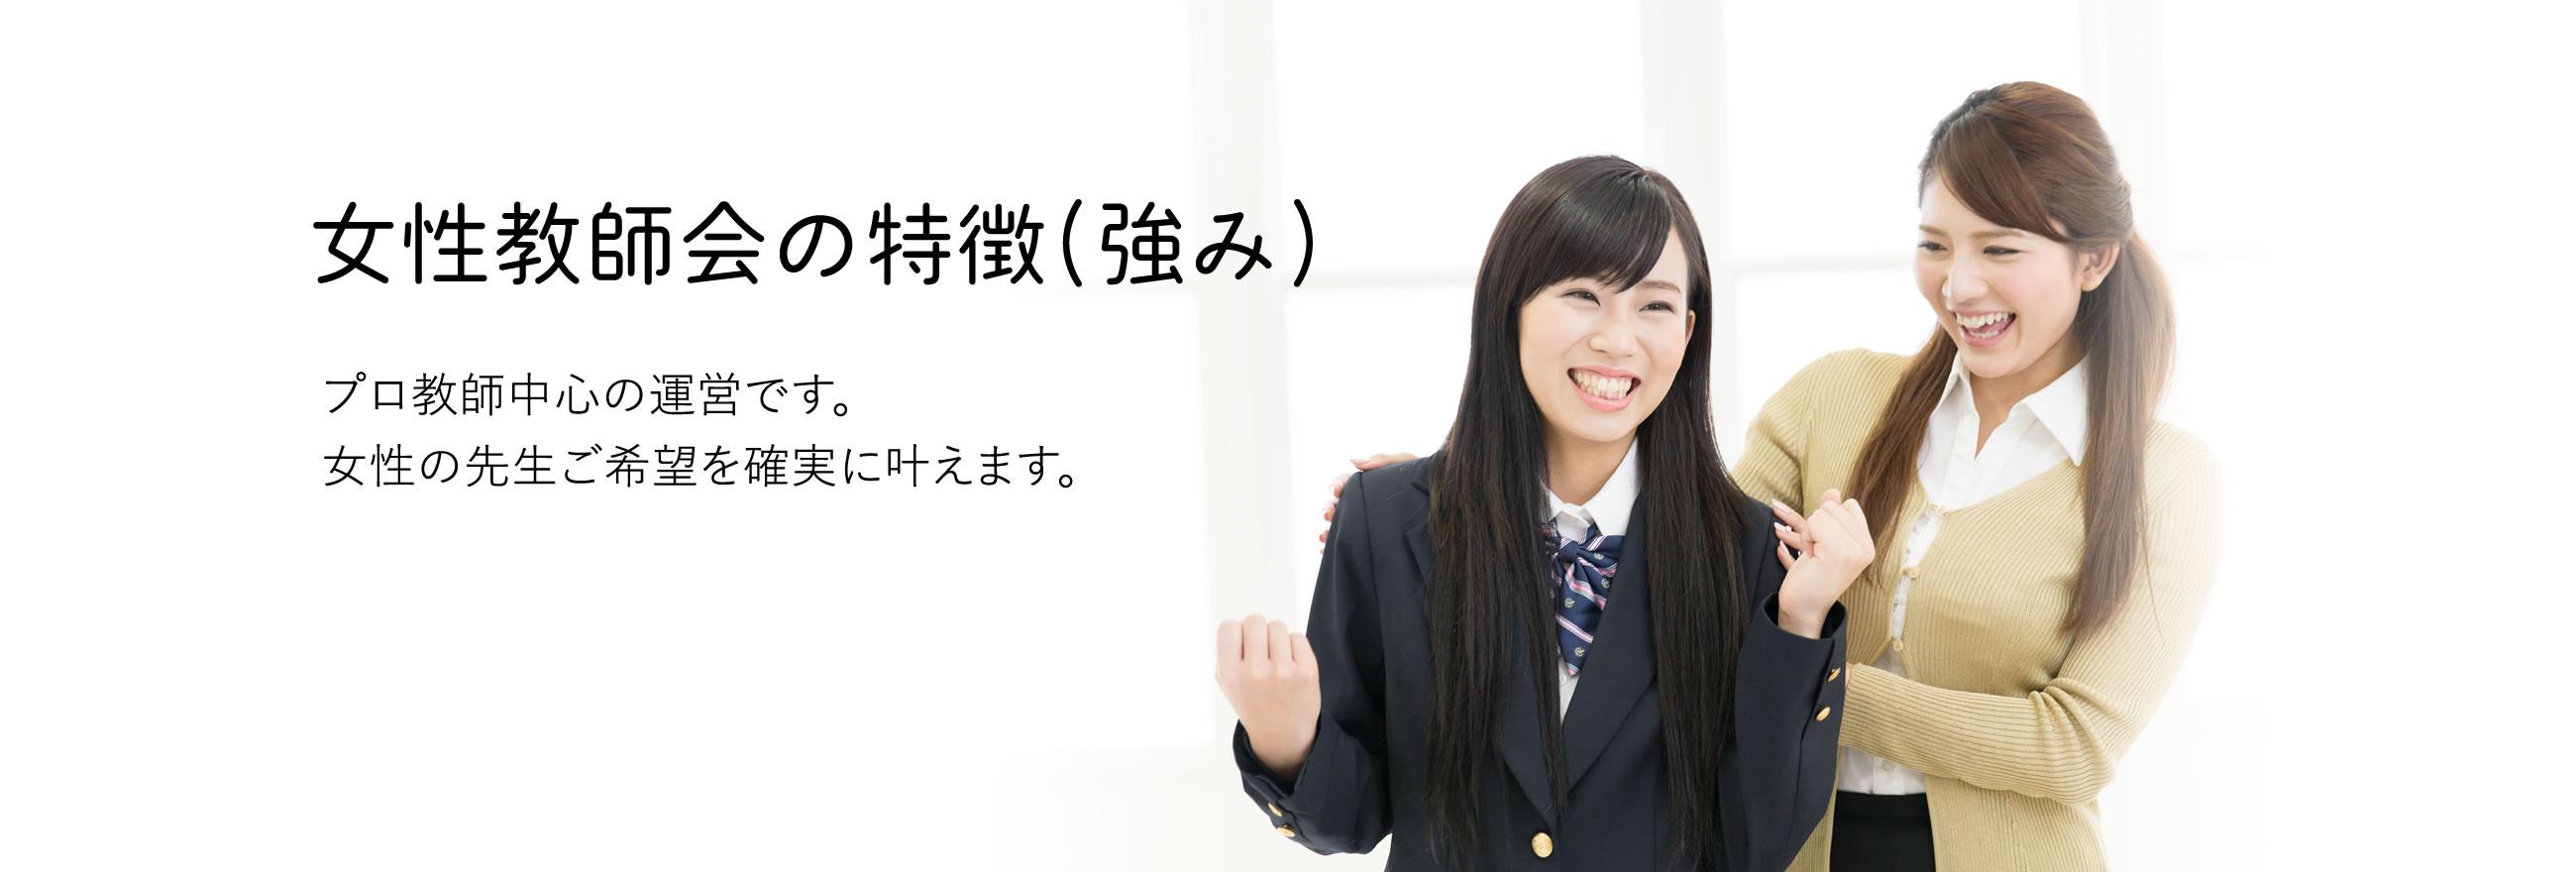 女性教師会の特徴(★強み)